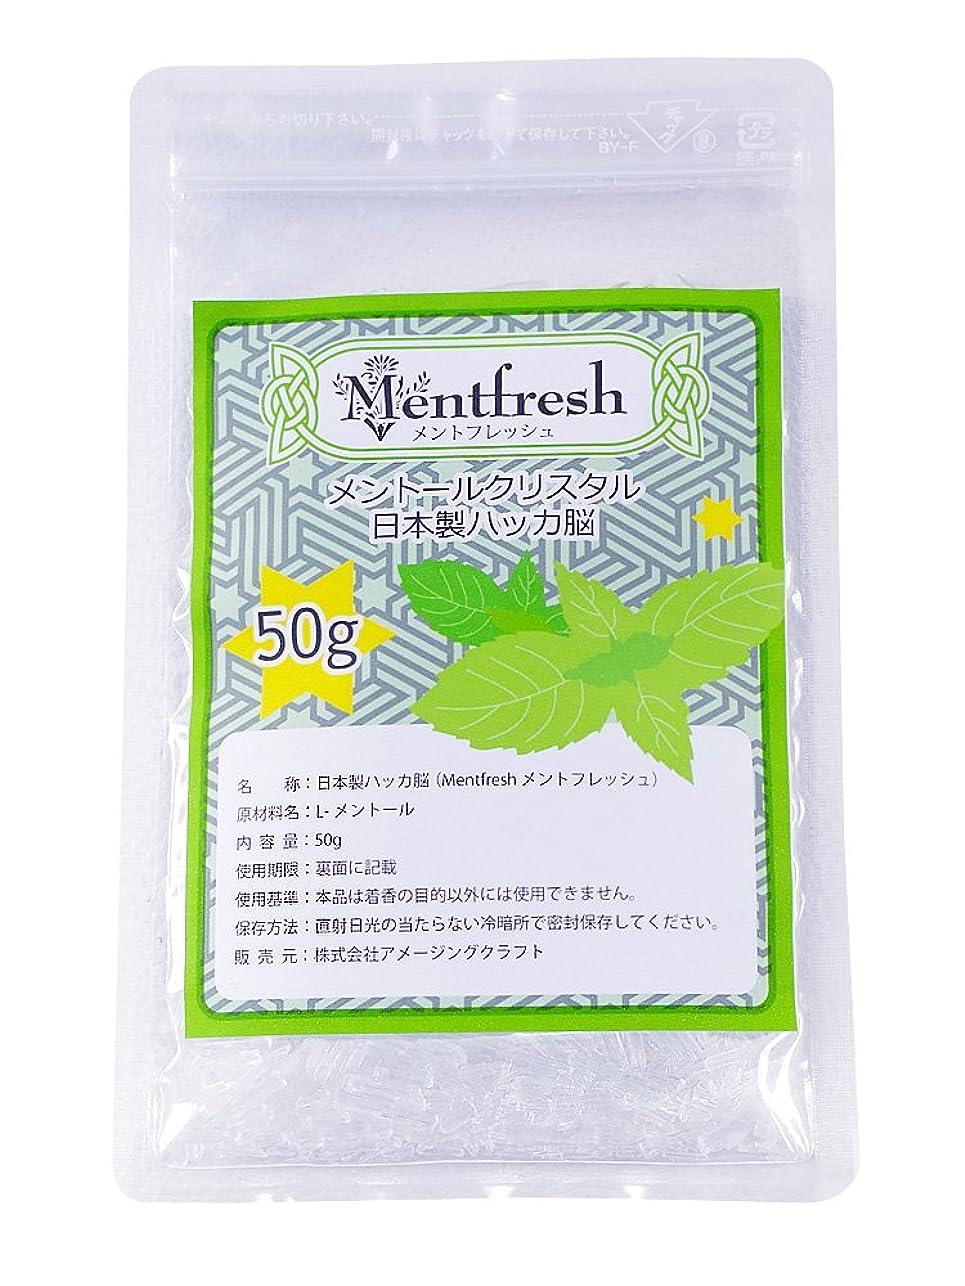 発見幸運任命日本製 ハッカ結晶 メントフレッシュ メントールクリスタル (50g)